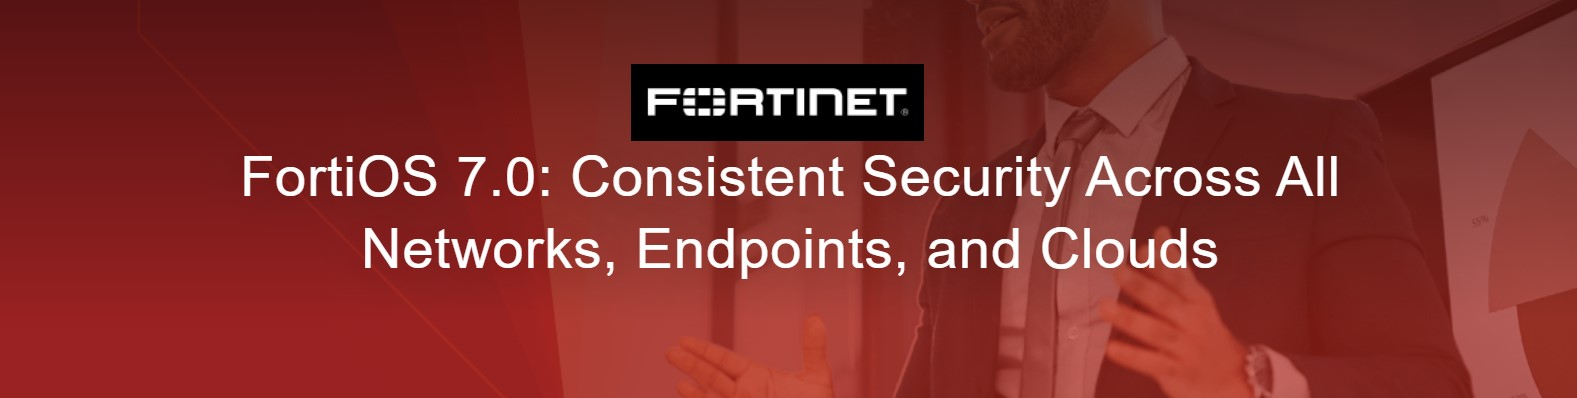 ฟอร์ติเน็ตเปิดตัวระบบปฏิบัติการ FortiOS 7.0 พร้อมอัปเดตครั้งสำคัญของการเข้าถึงและใช้งานเครือข่ายแบบ Zero Trust รวมถึงความสามารถด้าน SASE